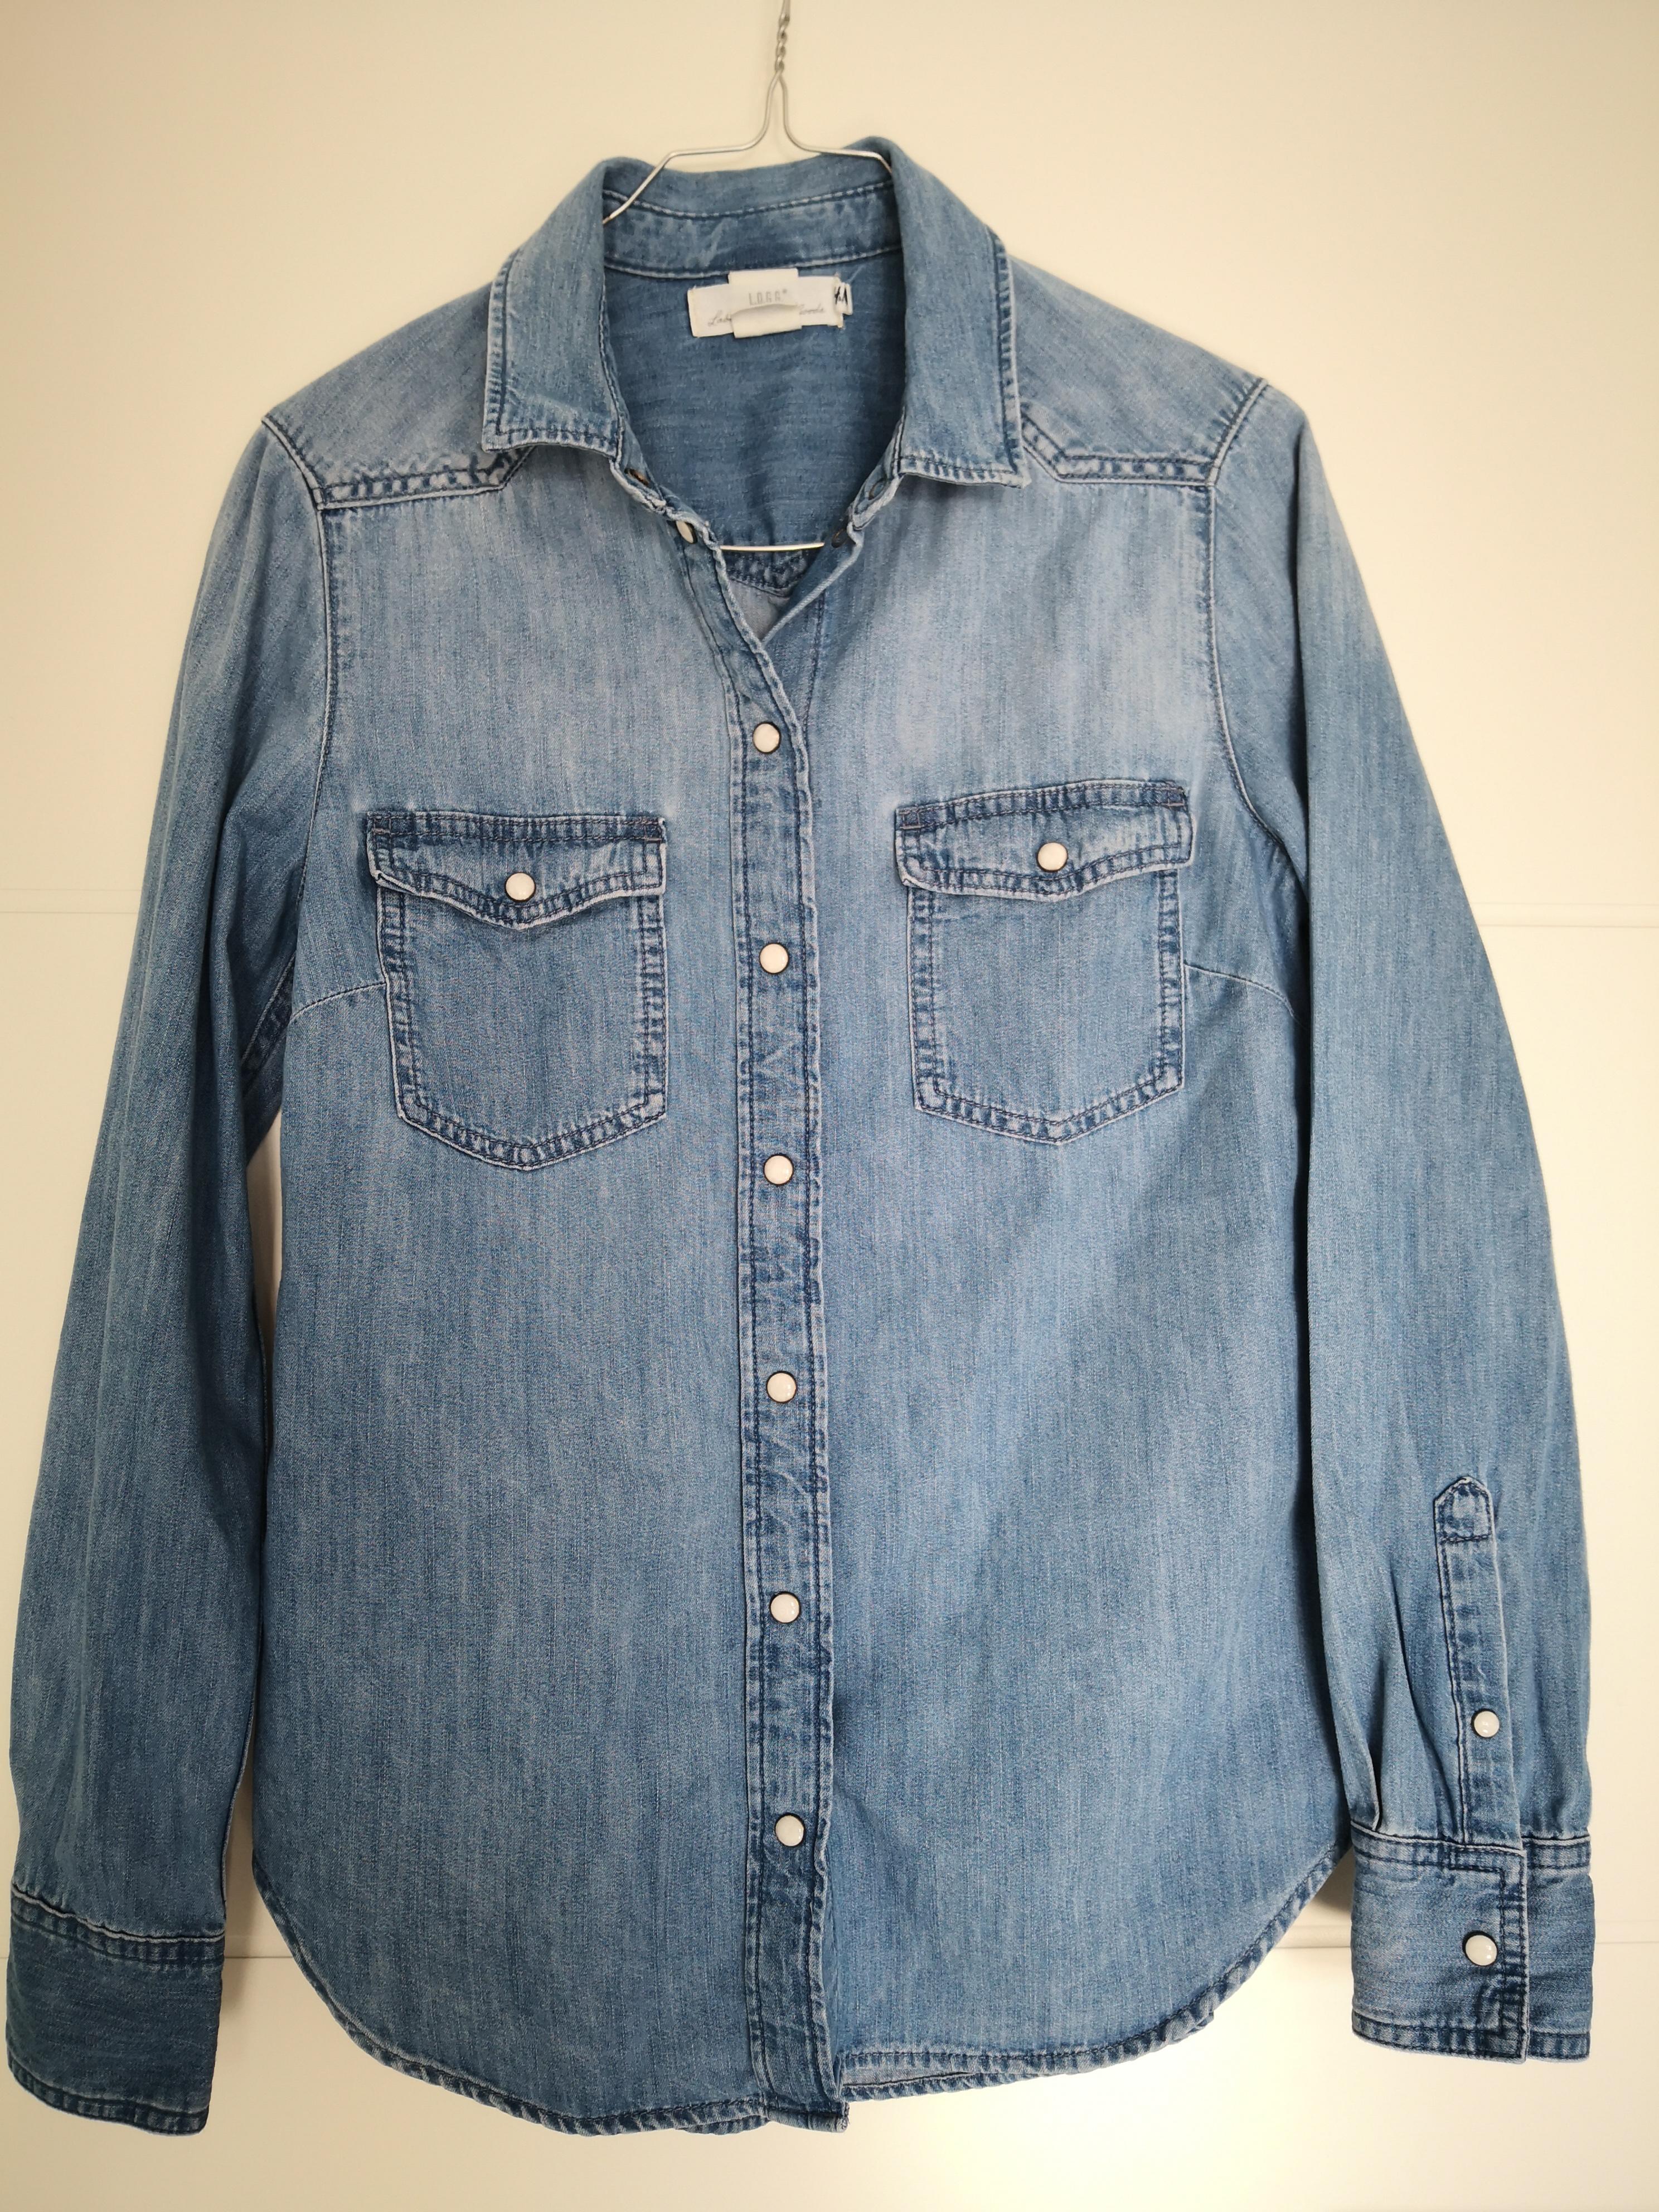 Bluse Jeanshemd Gr. 36 H&M